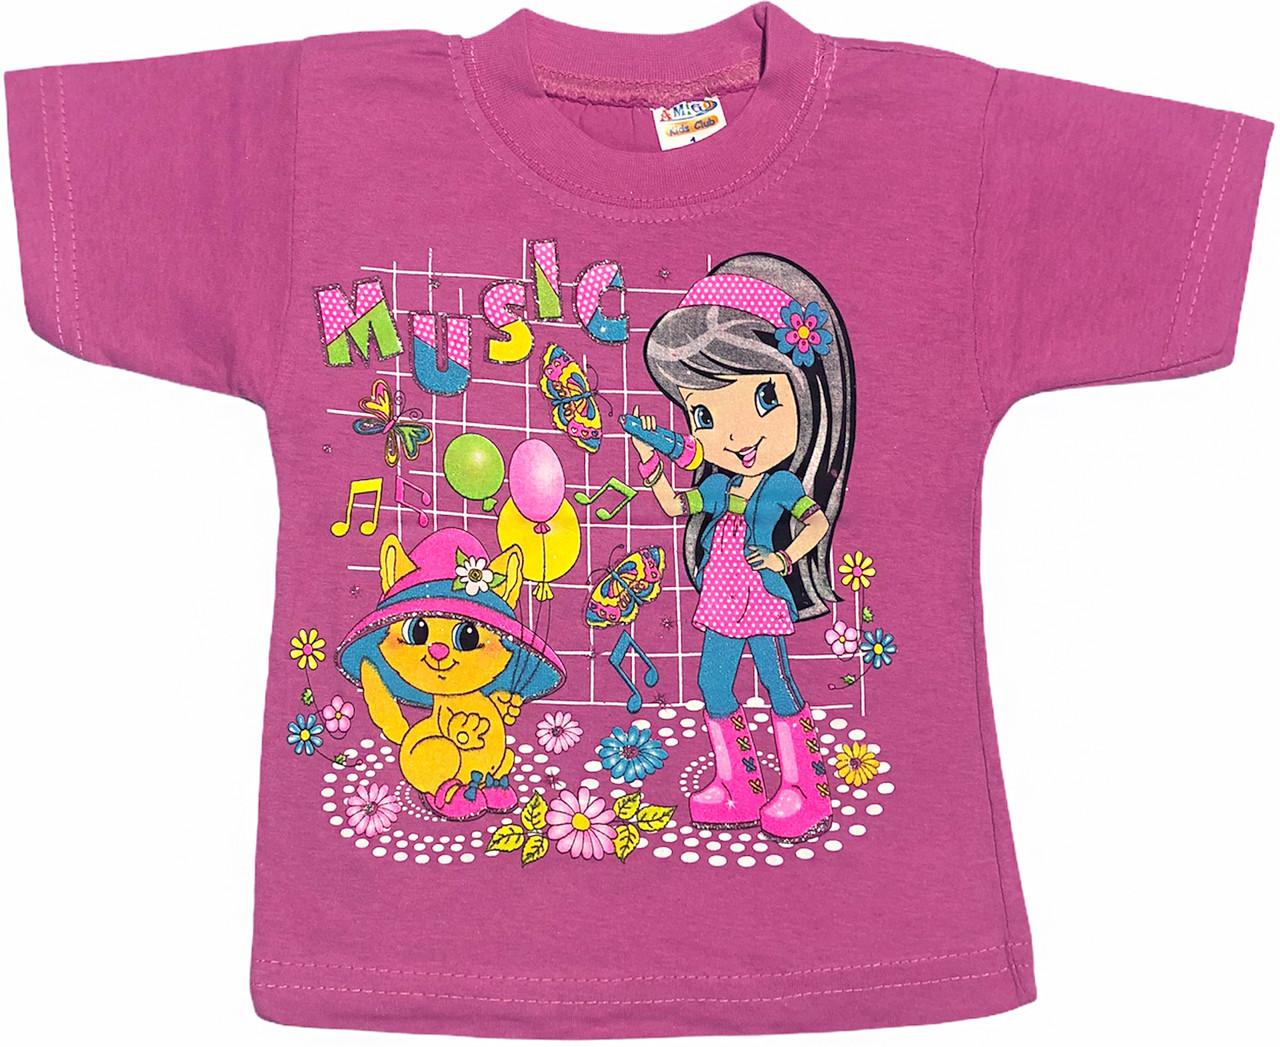 Детская футболка на девочку рост 92 1,5-2 года для малышей с принтом яркая красивая летняя трикотаж сиреневая